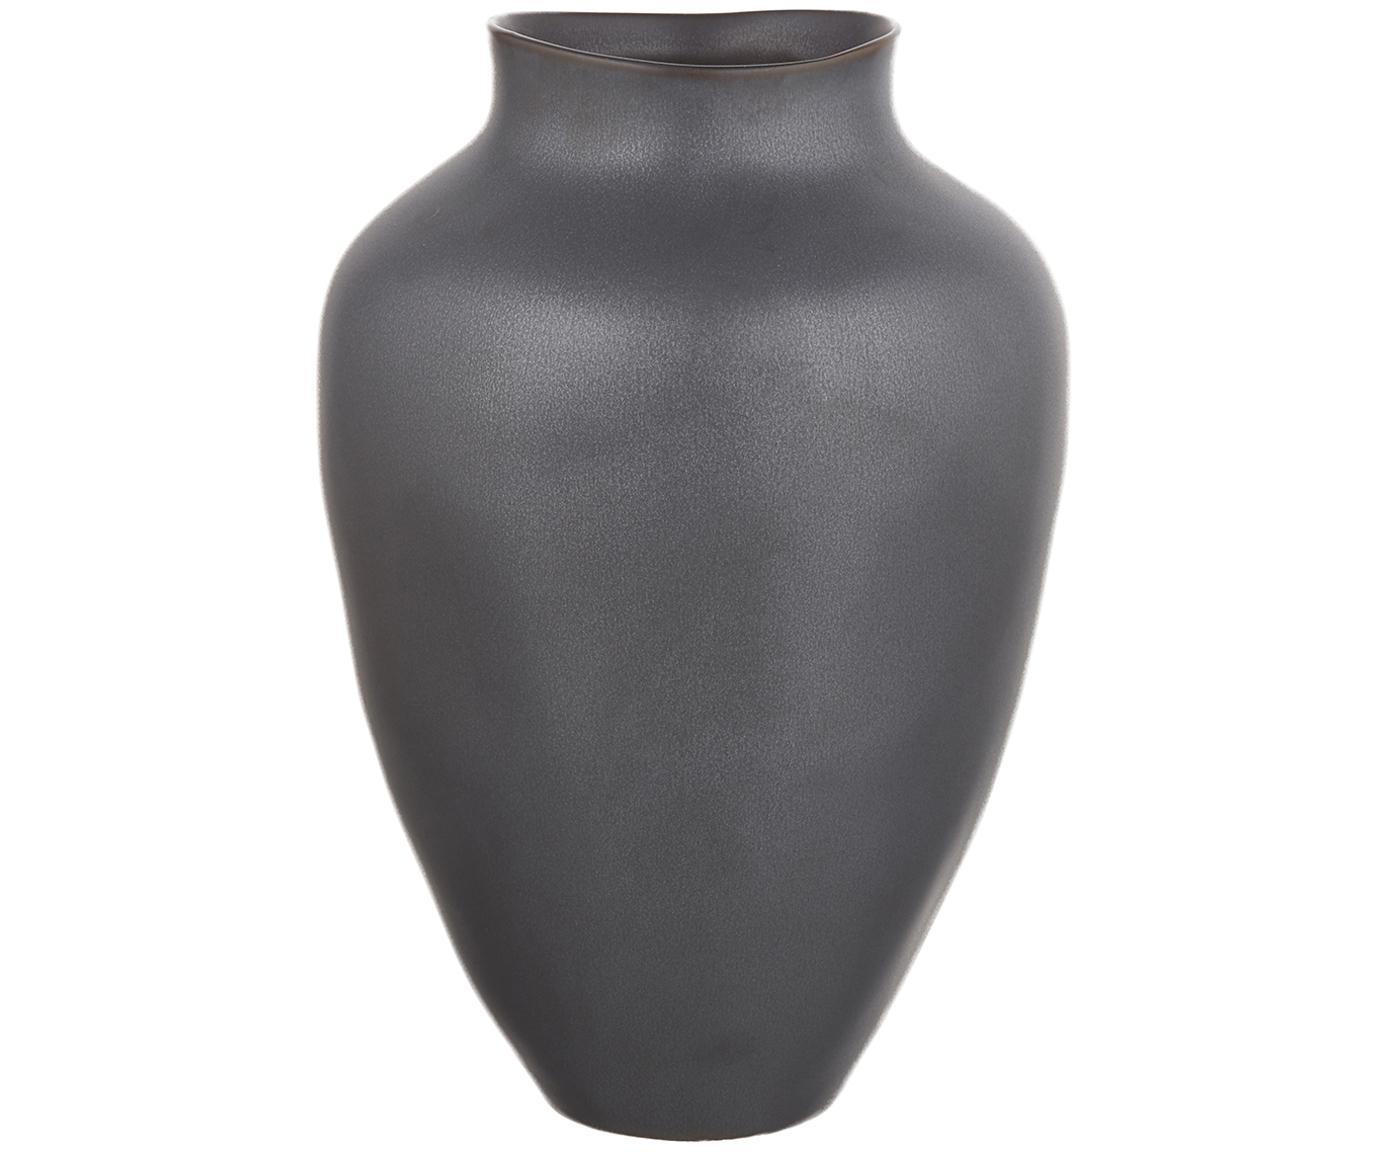 Jarrón artesanal grande de cerámica Latona, Cerámica, Negro mate, Ø 21 x Al 30 cm